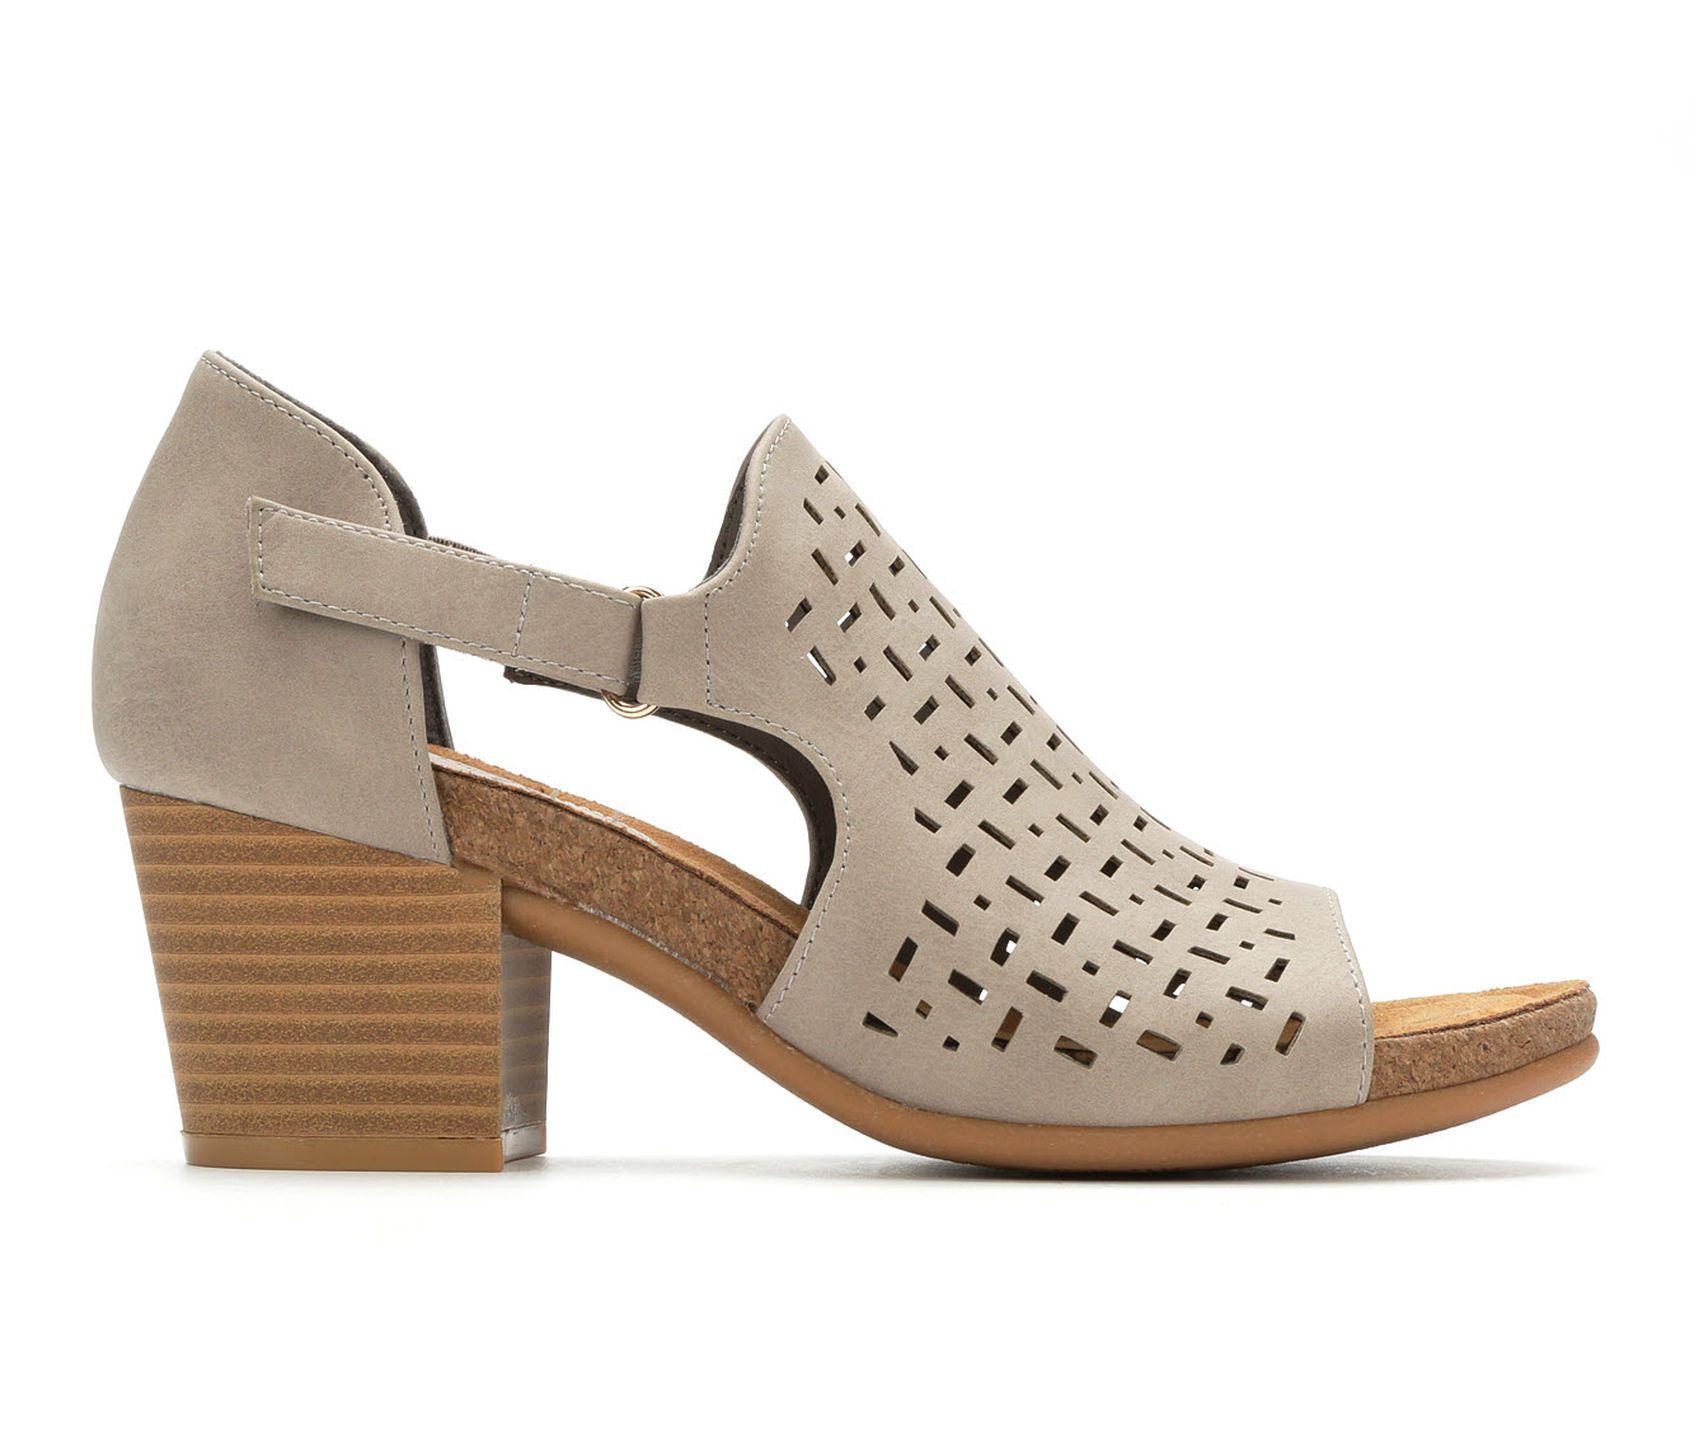 0b91257262d EuroSoft Addley Dress Sandals